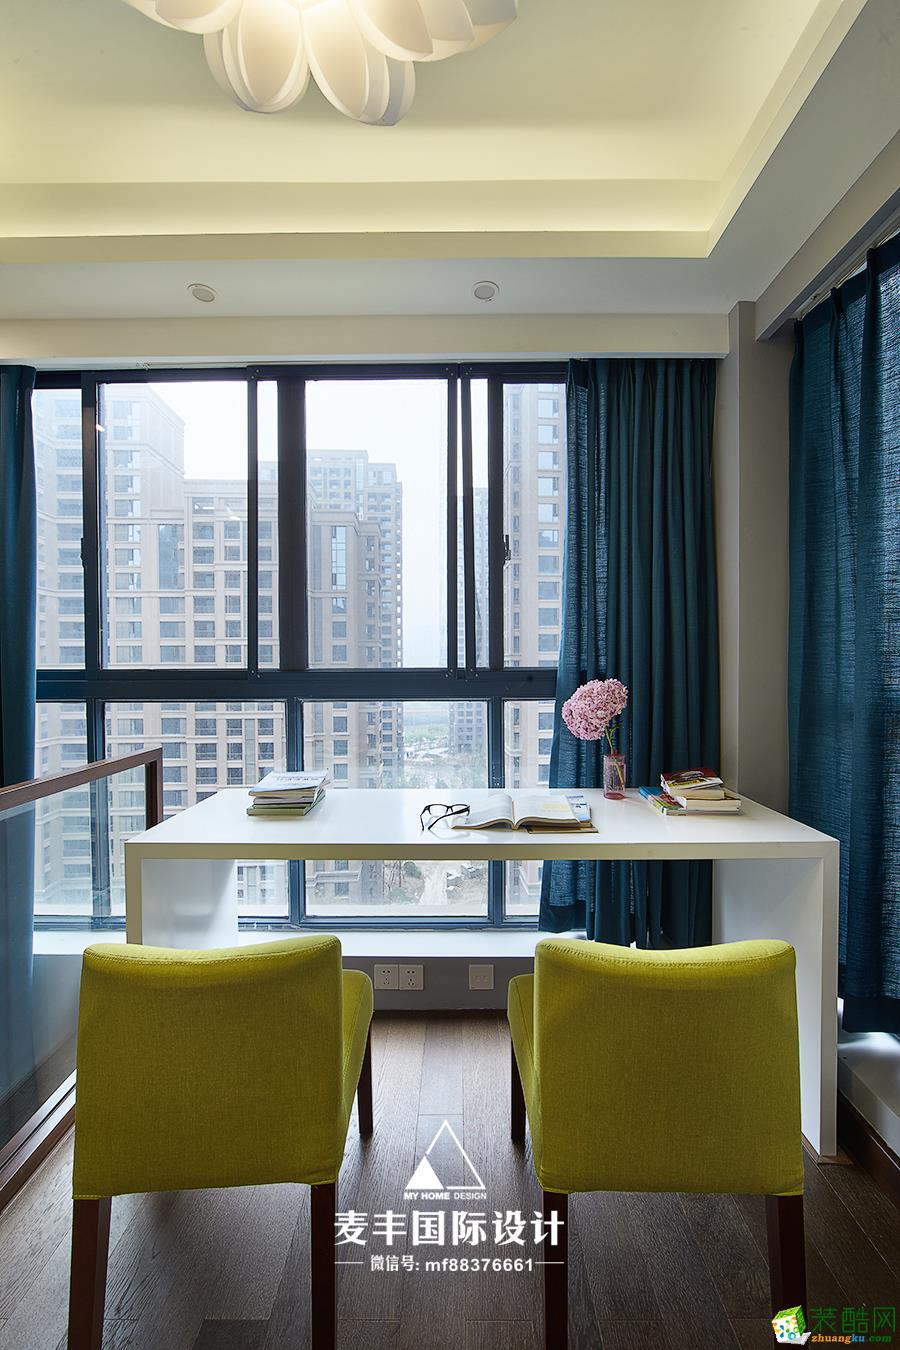 餐厅  杭州150㎡4室2厅装修—麦丰设计—康城国际简约风格装修作品